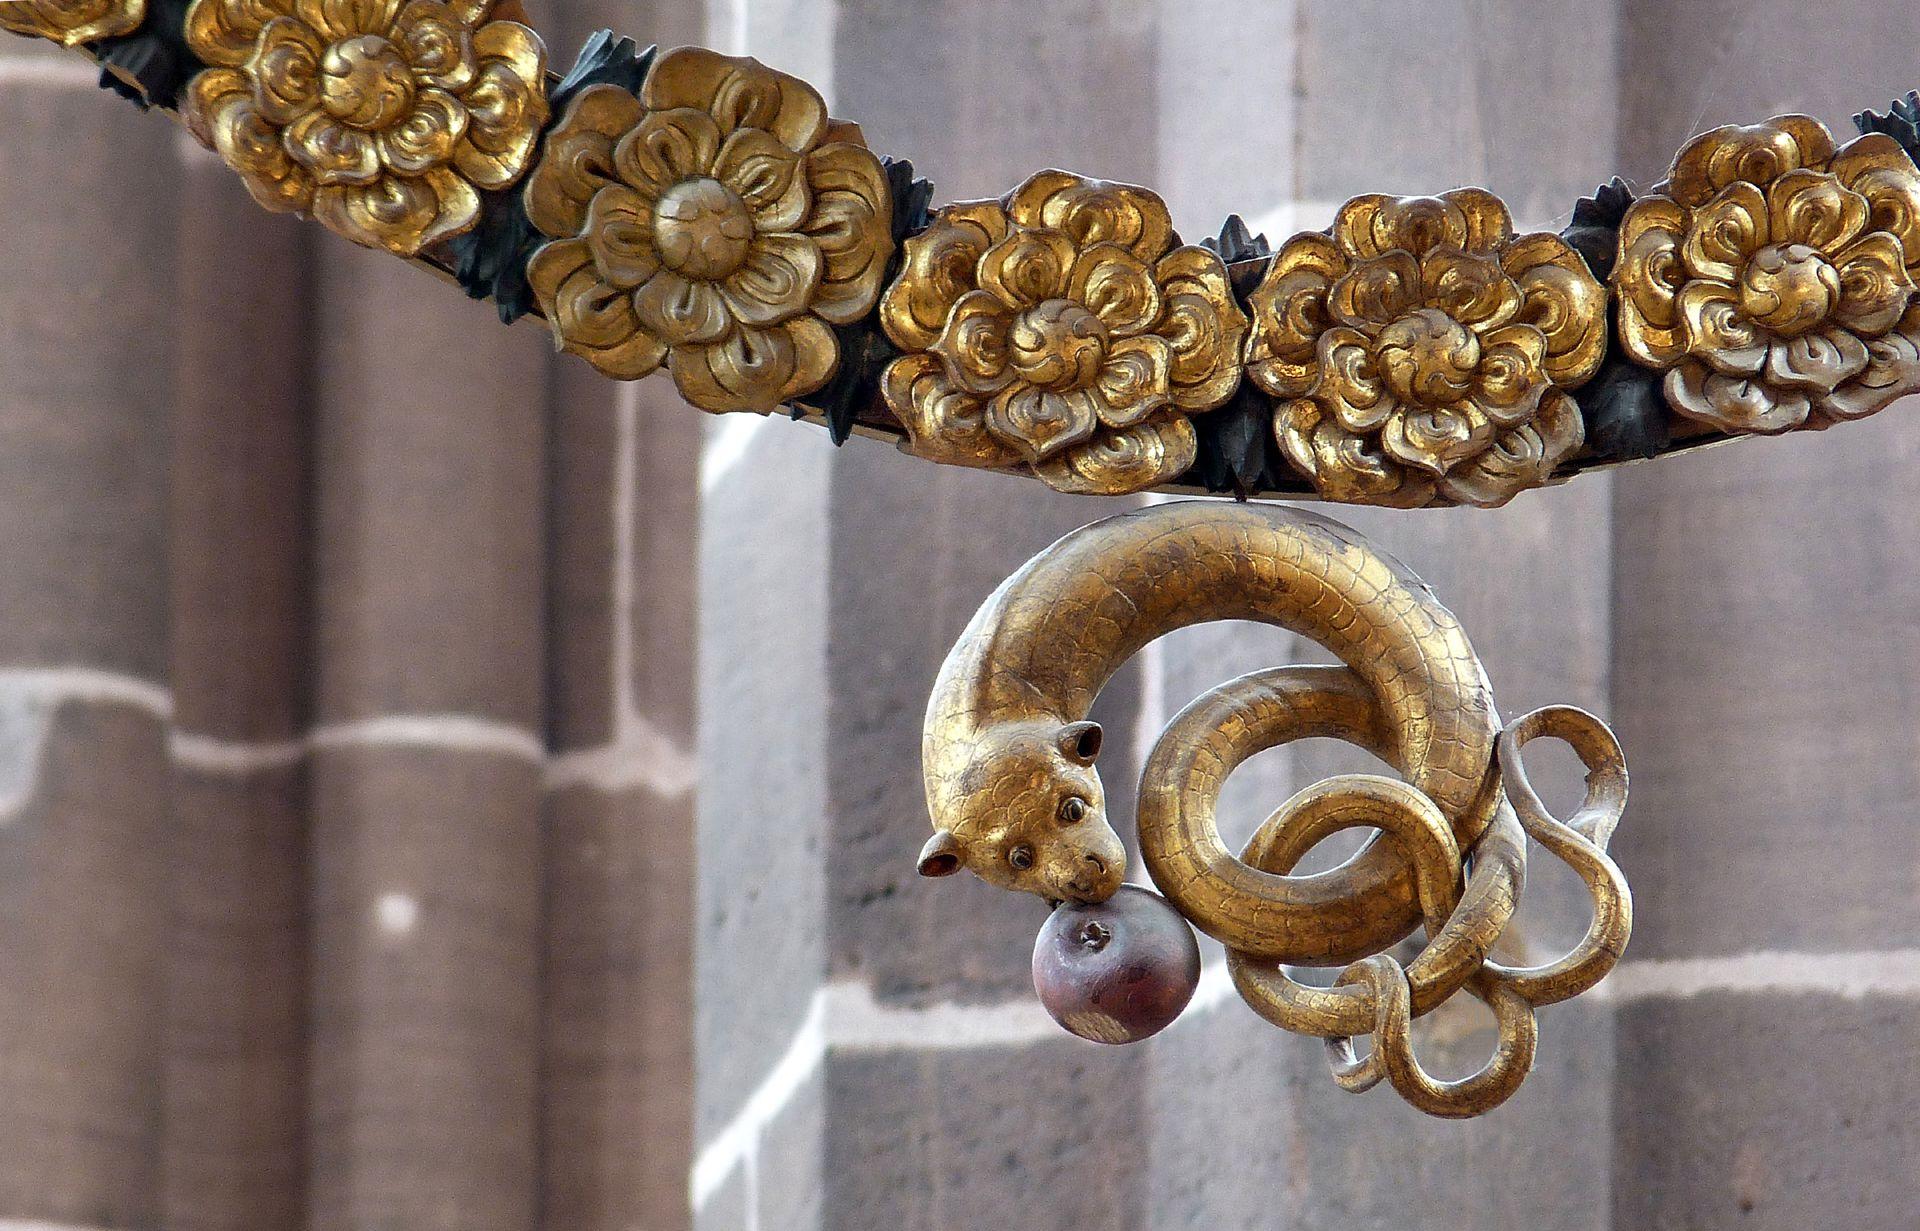 Englischer Gruß unterer Rosenkranzabschluss mit Teufelsschlange und Evas Apfel